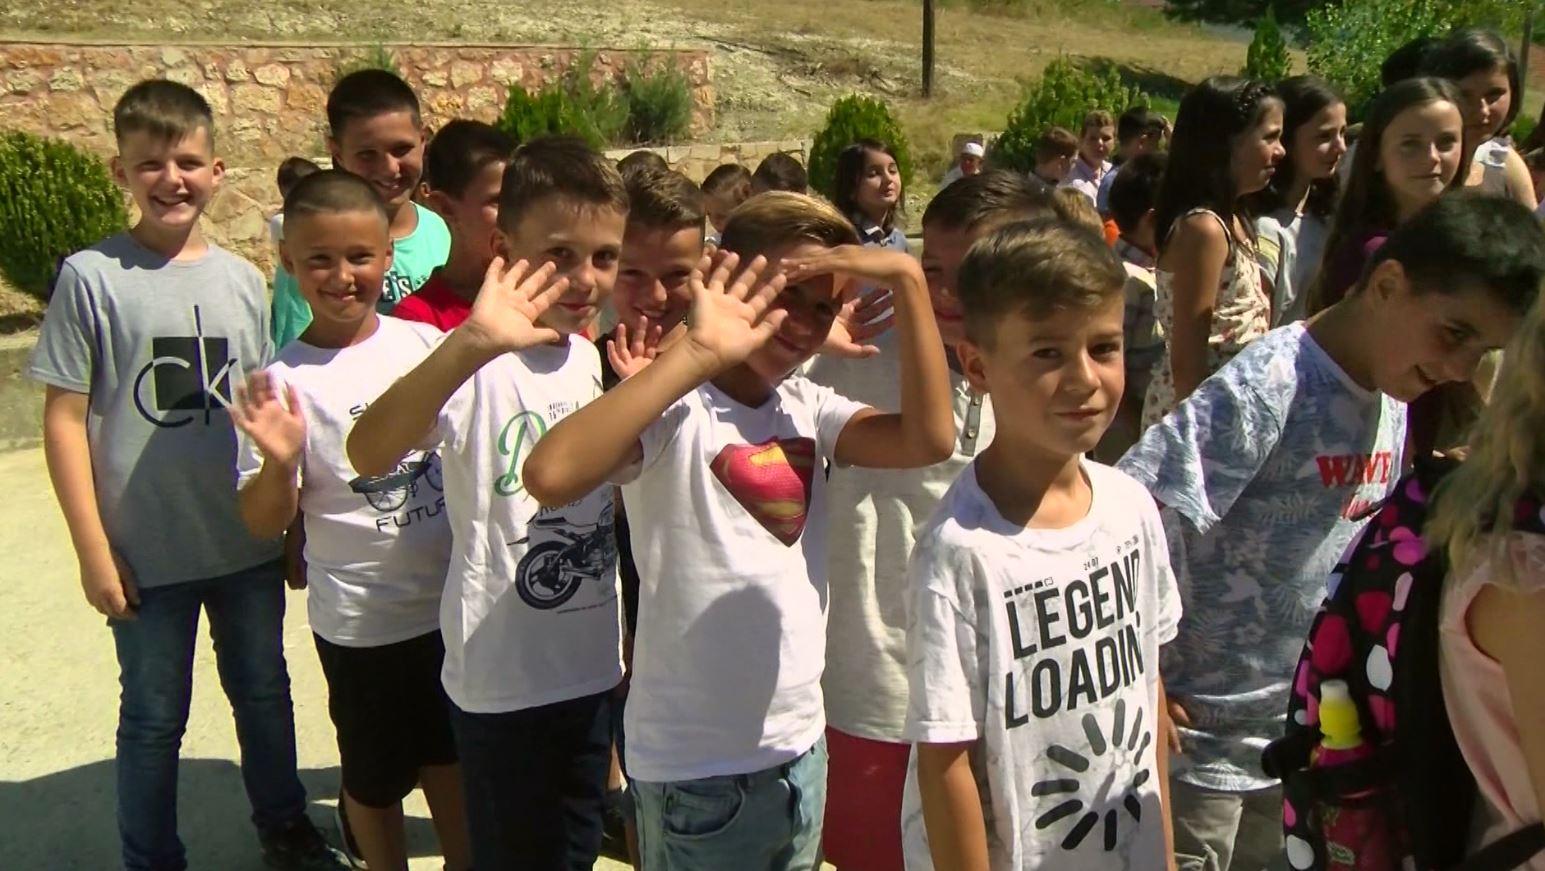 Maqedoni, viti shkollor nis me grevë, mësuesit kërkojnë rritje të pagave